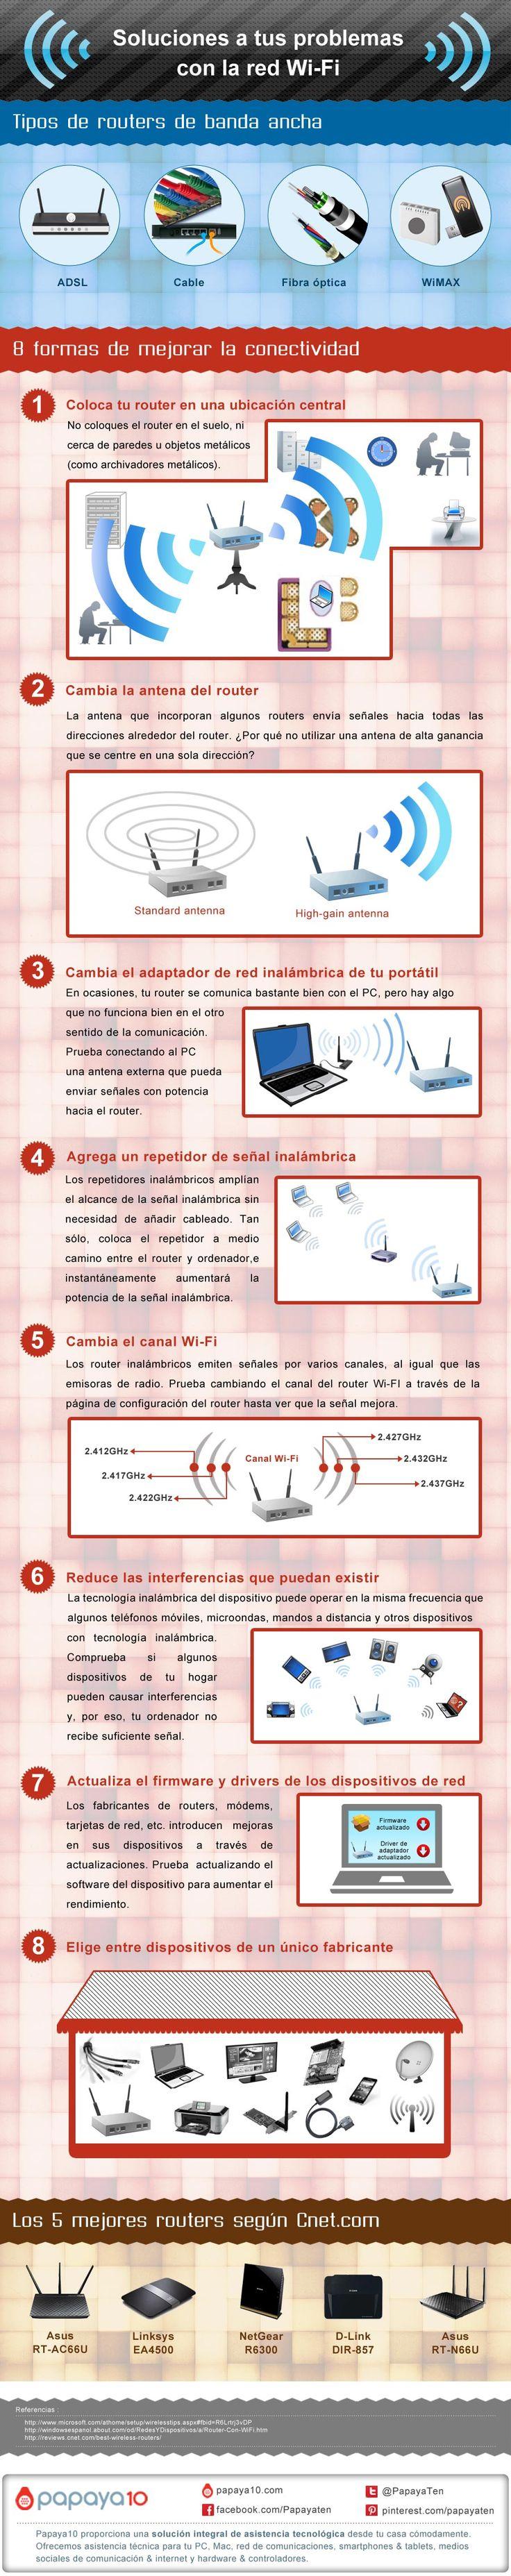 8 consejos para mejorar tu red WiFi #infografia #infographic